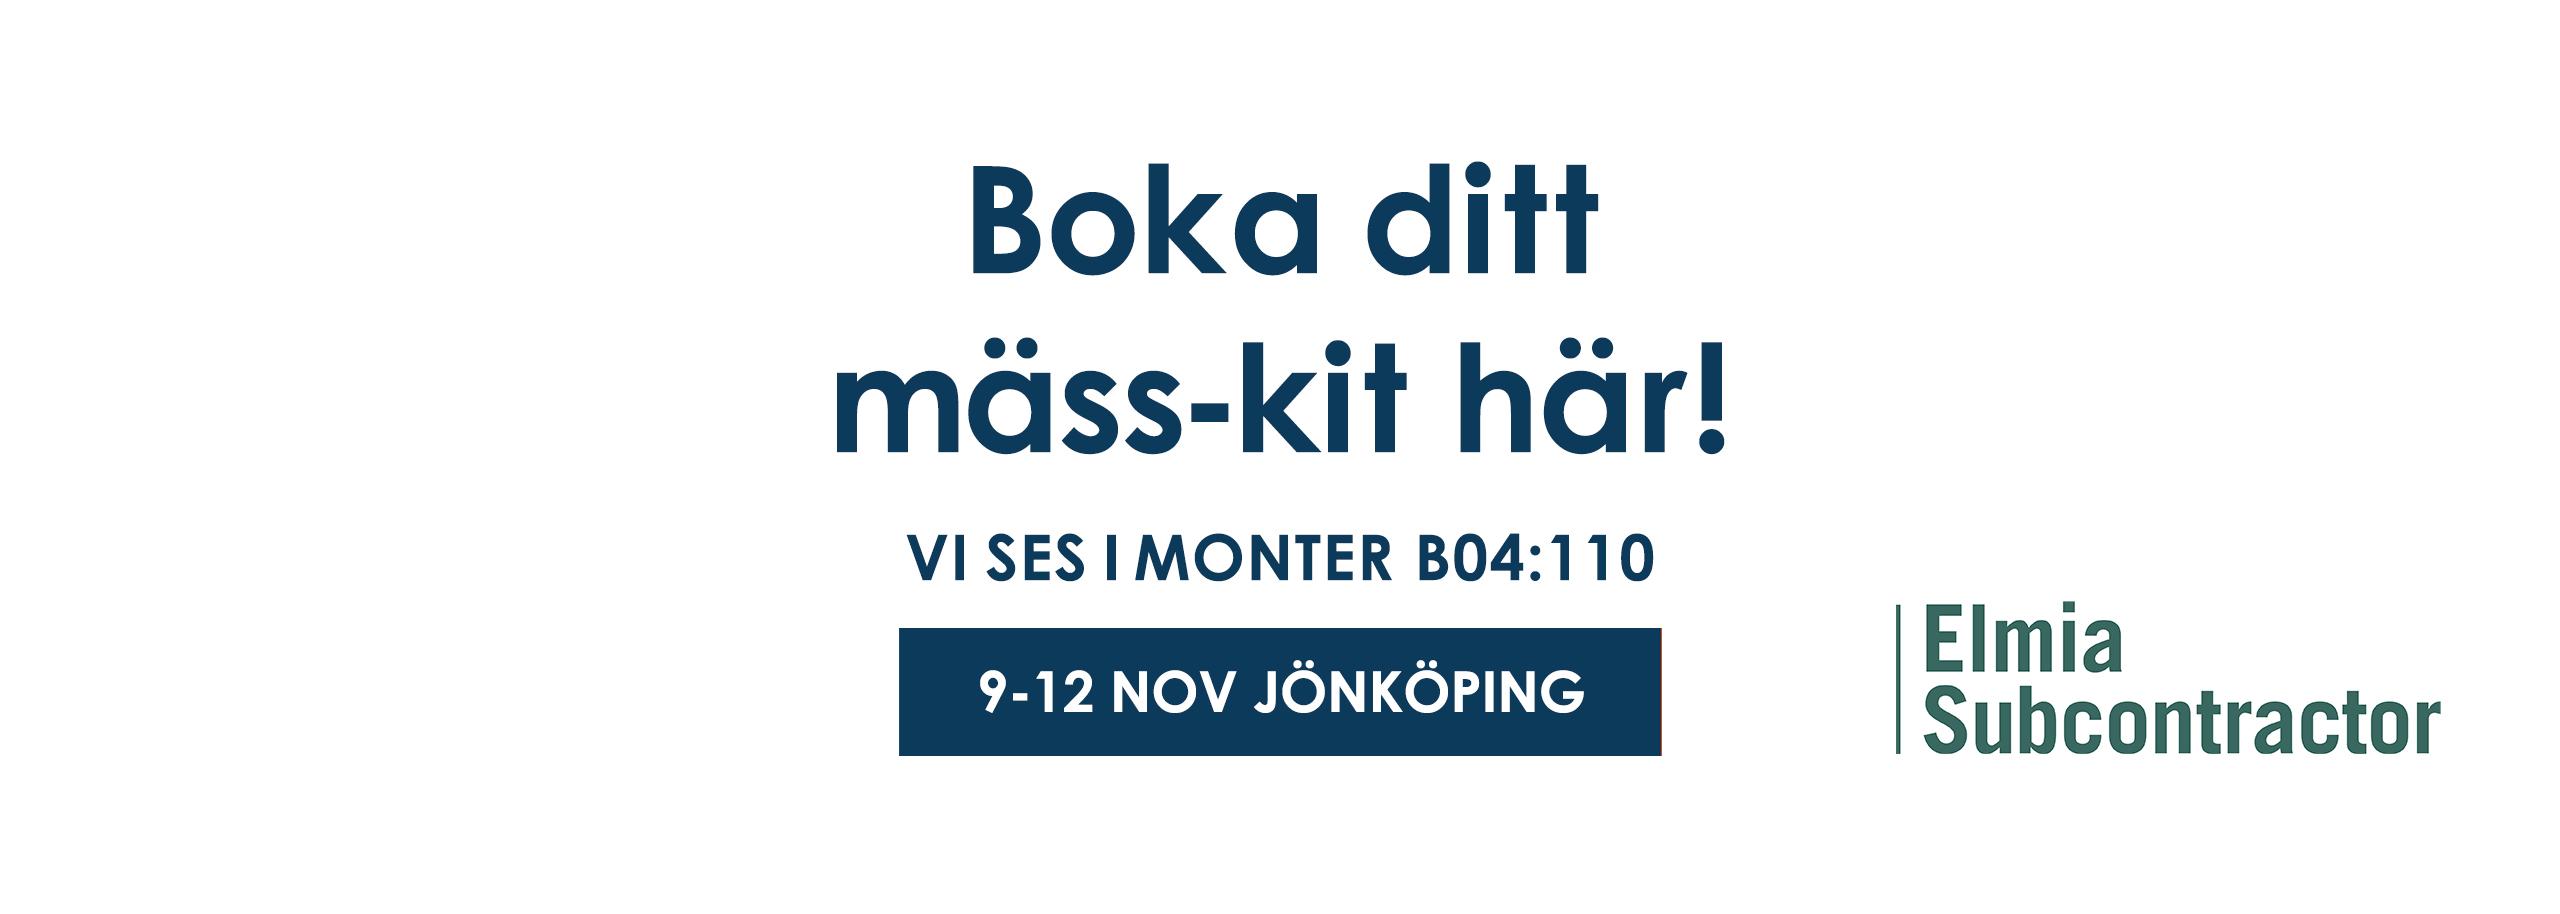 https://slangspecialisten.se/image/2910/Slider_Bokadittmasskit_webb.jpg